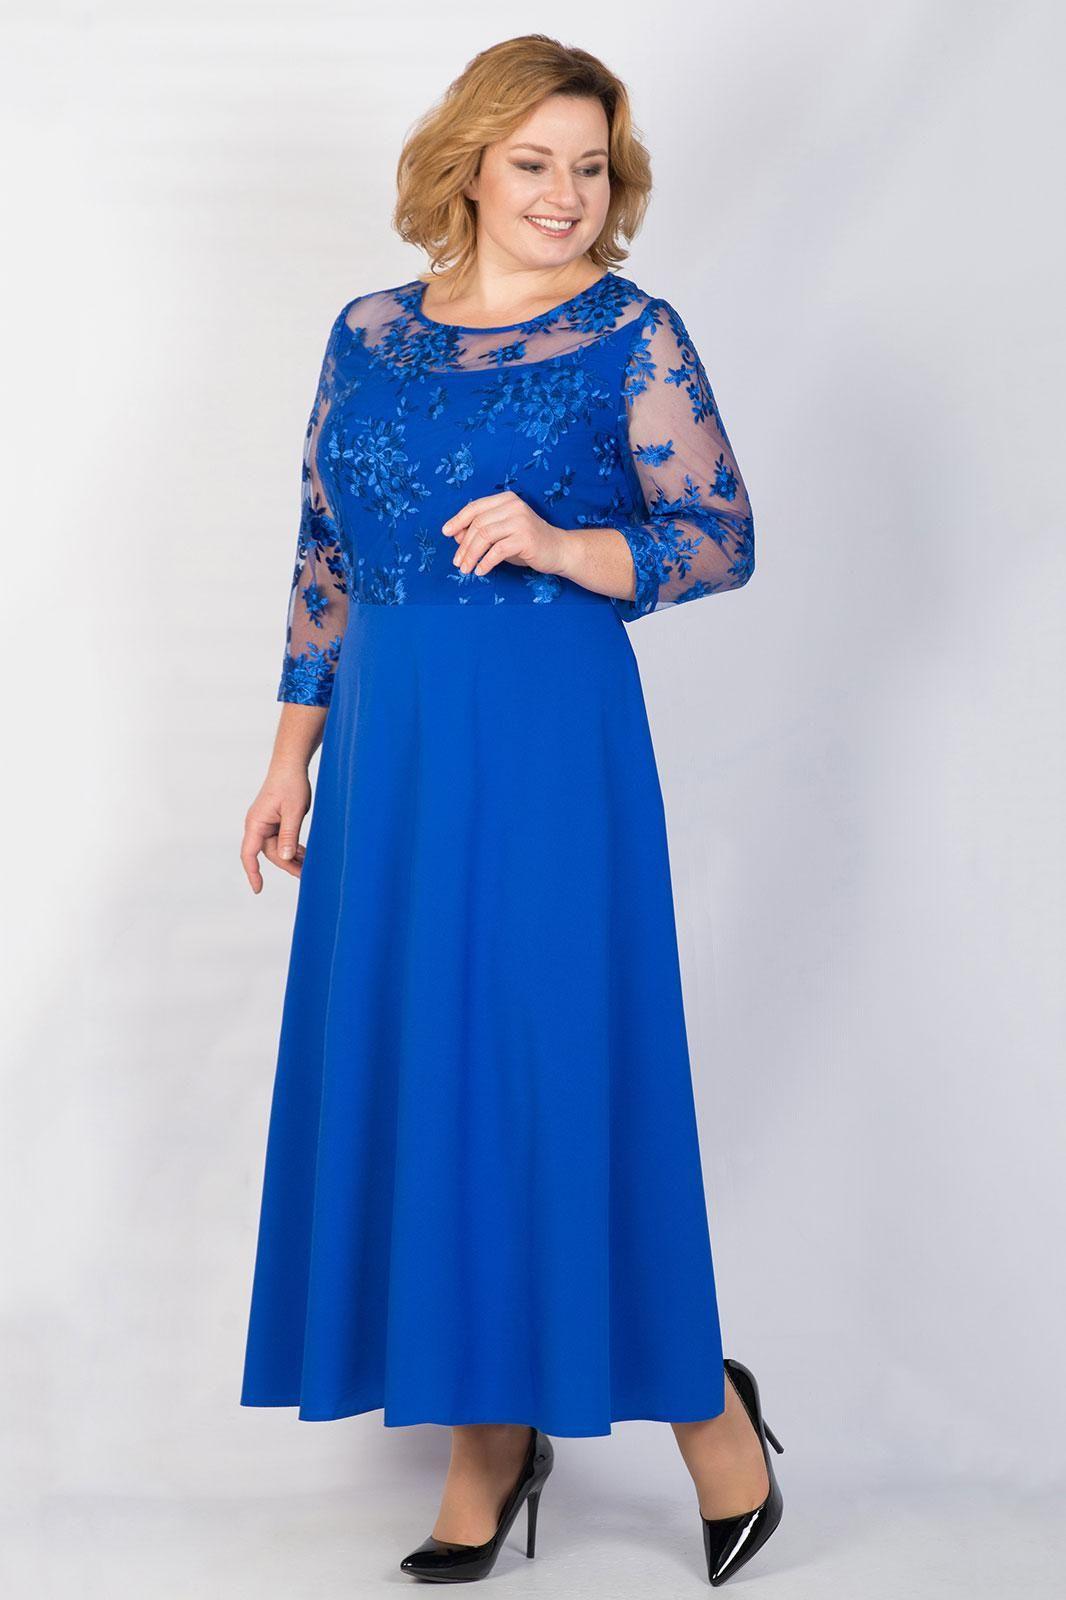 e209eedfc305f1e Купить белорусскую женскую одежду в интернет-магазине в Минске ...